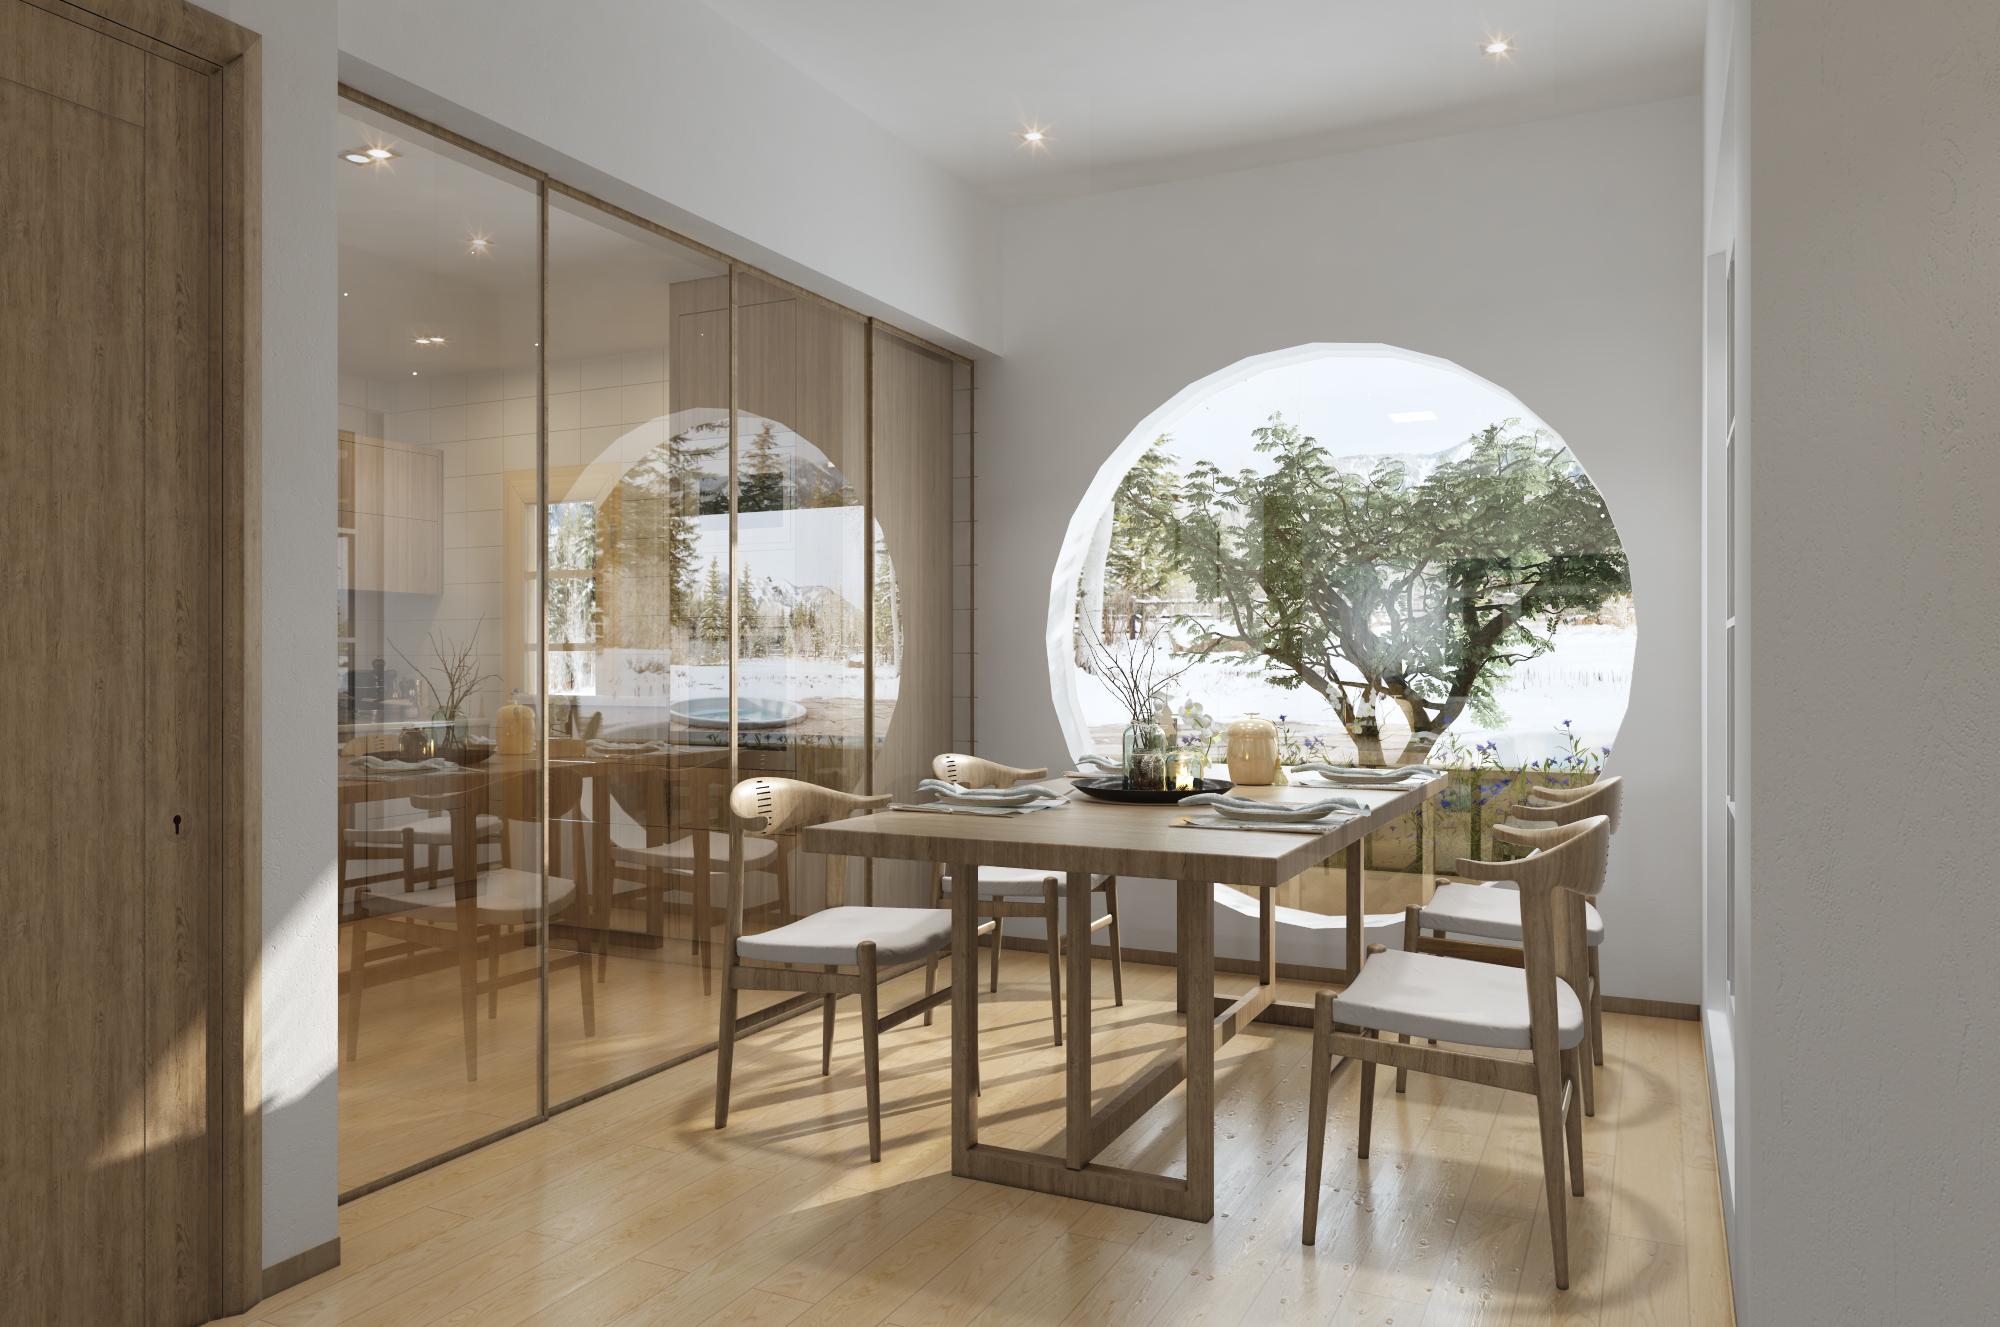 日式装修风格介绍简约搭配富有禅意传统的日式家具以其清新自然,简洁